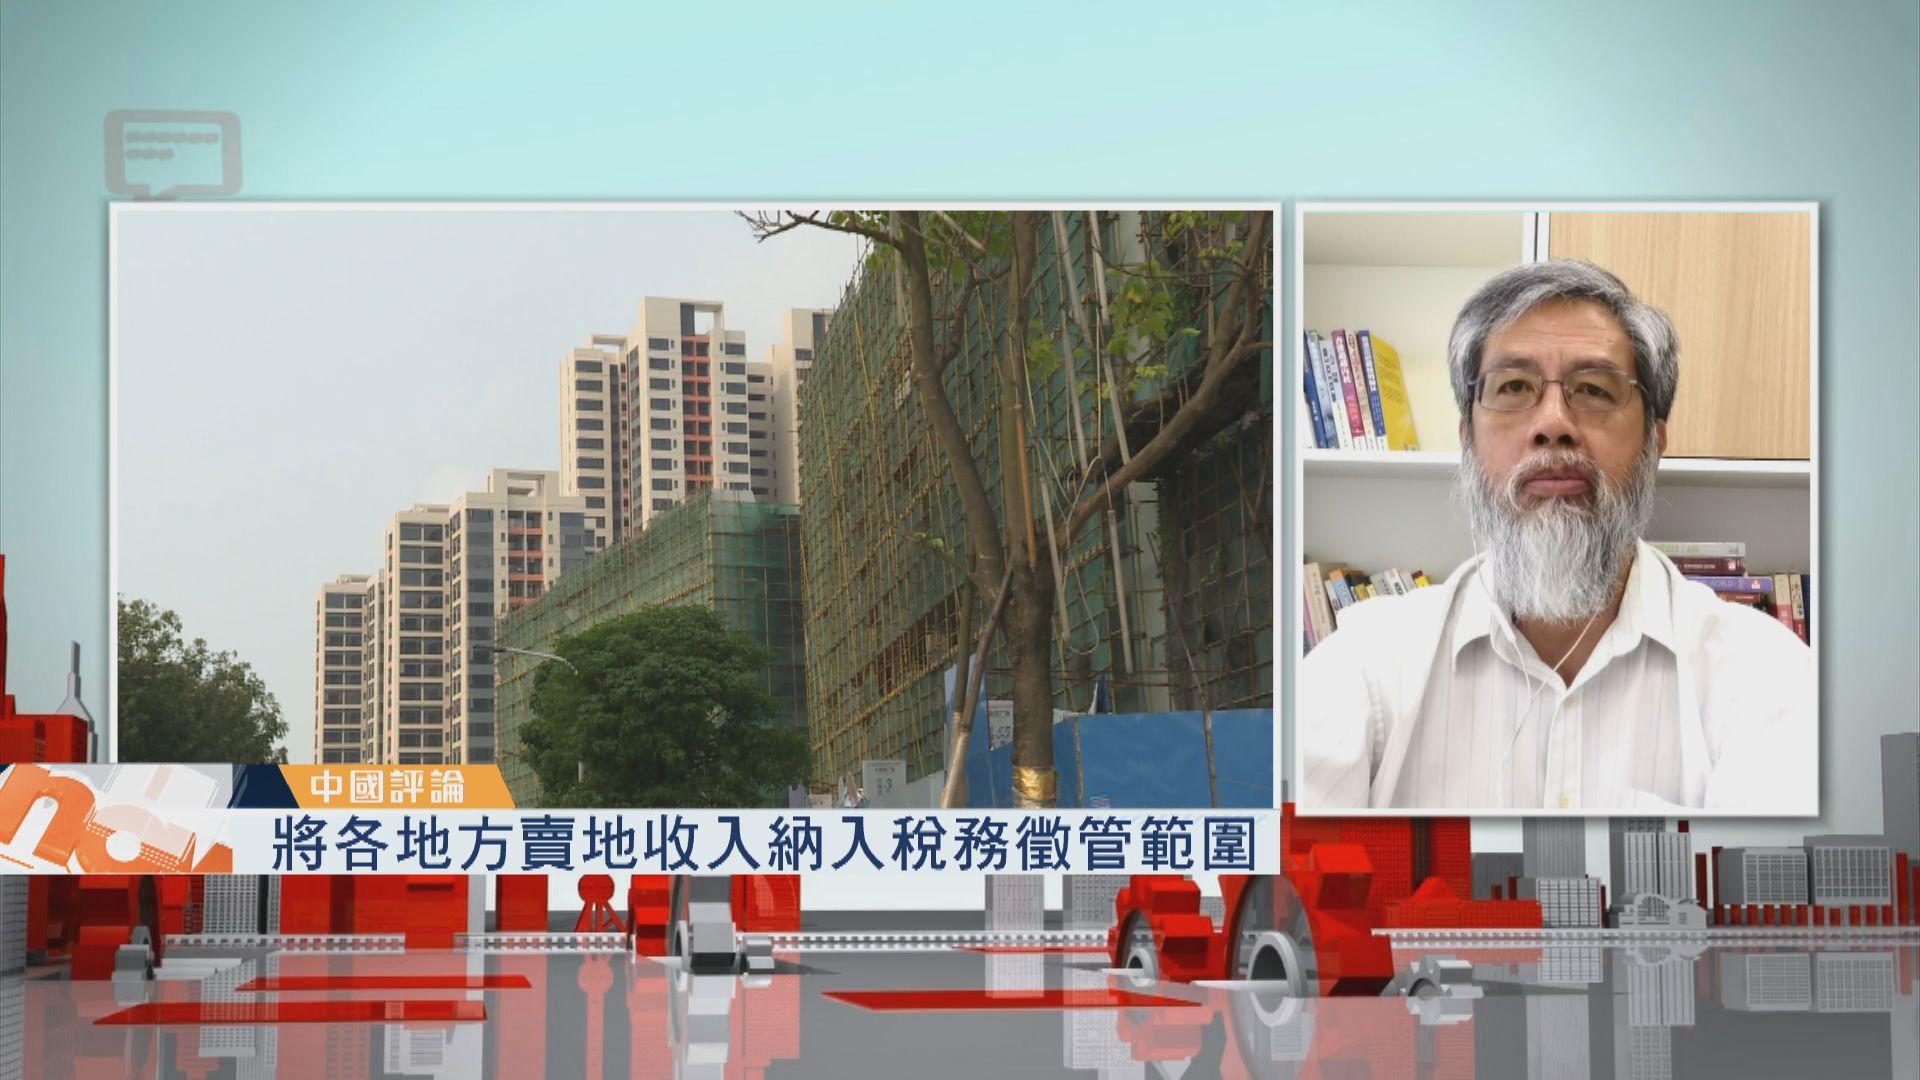 【中國評論】土地收入納徵稅範圍/控制樓價措施續推